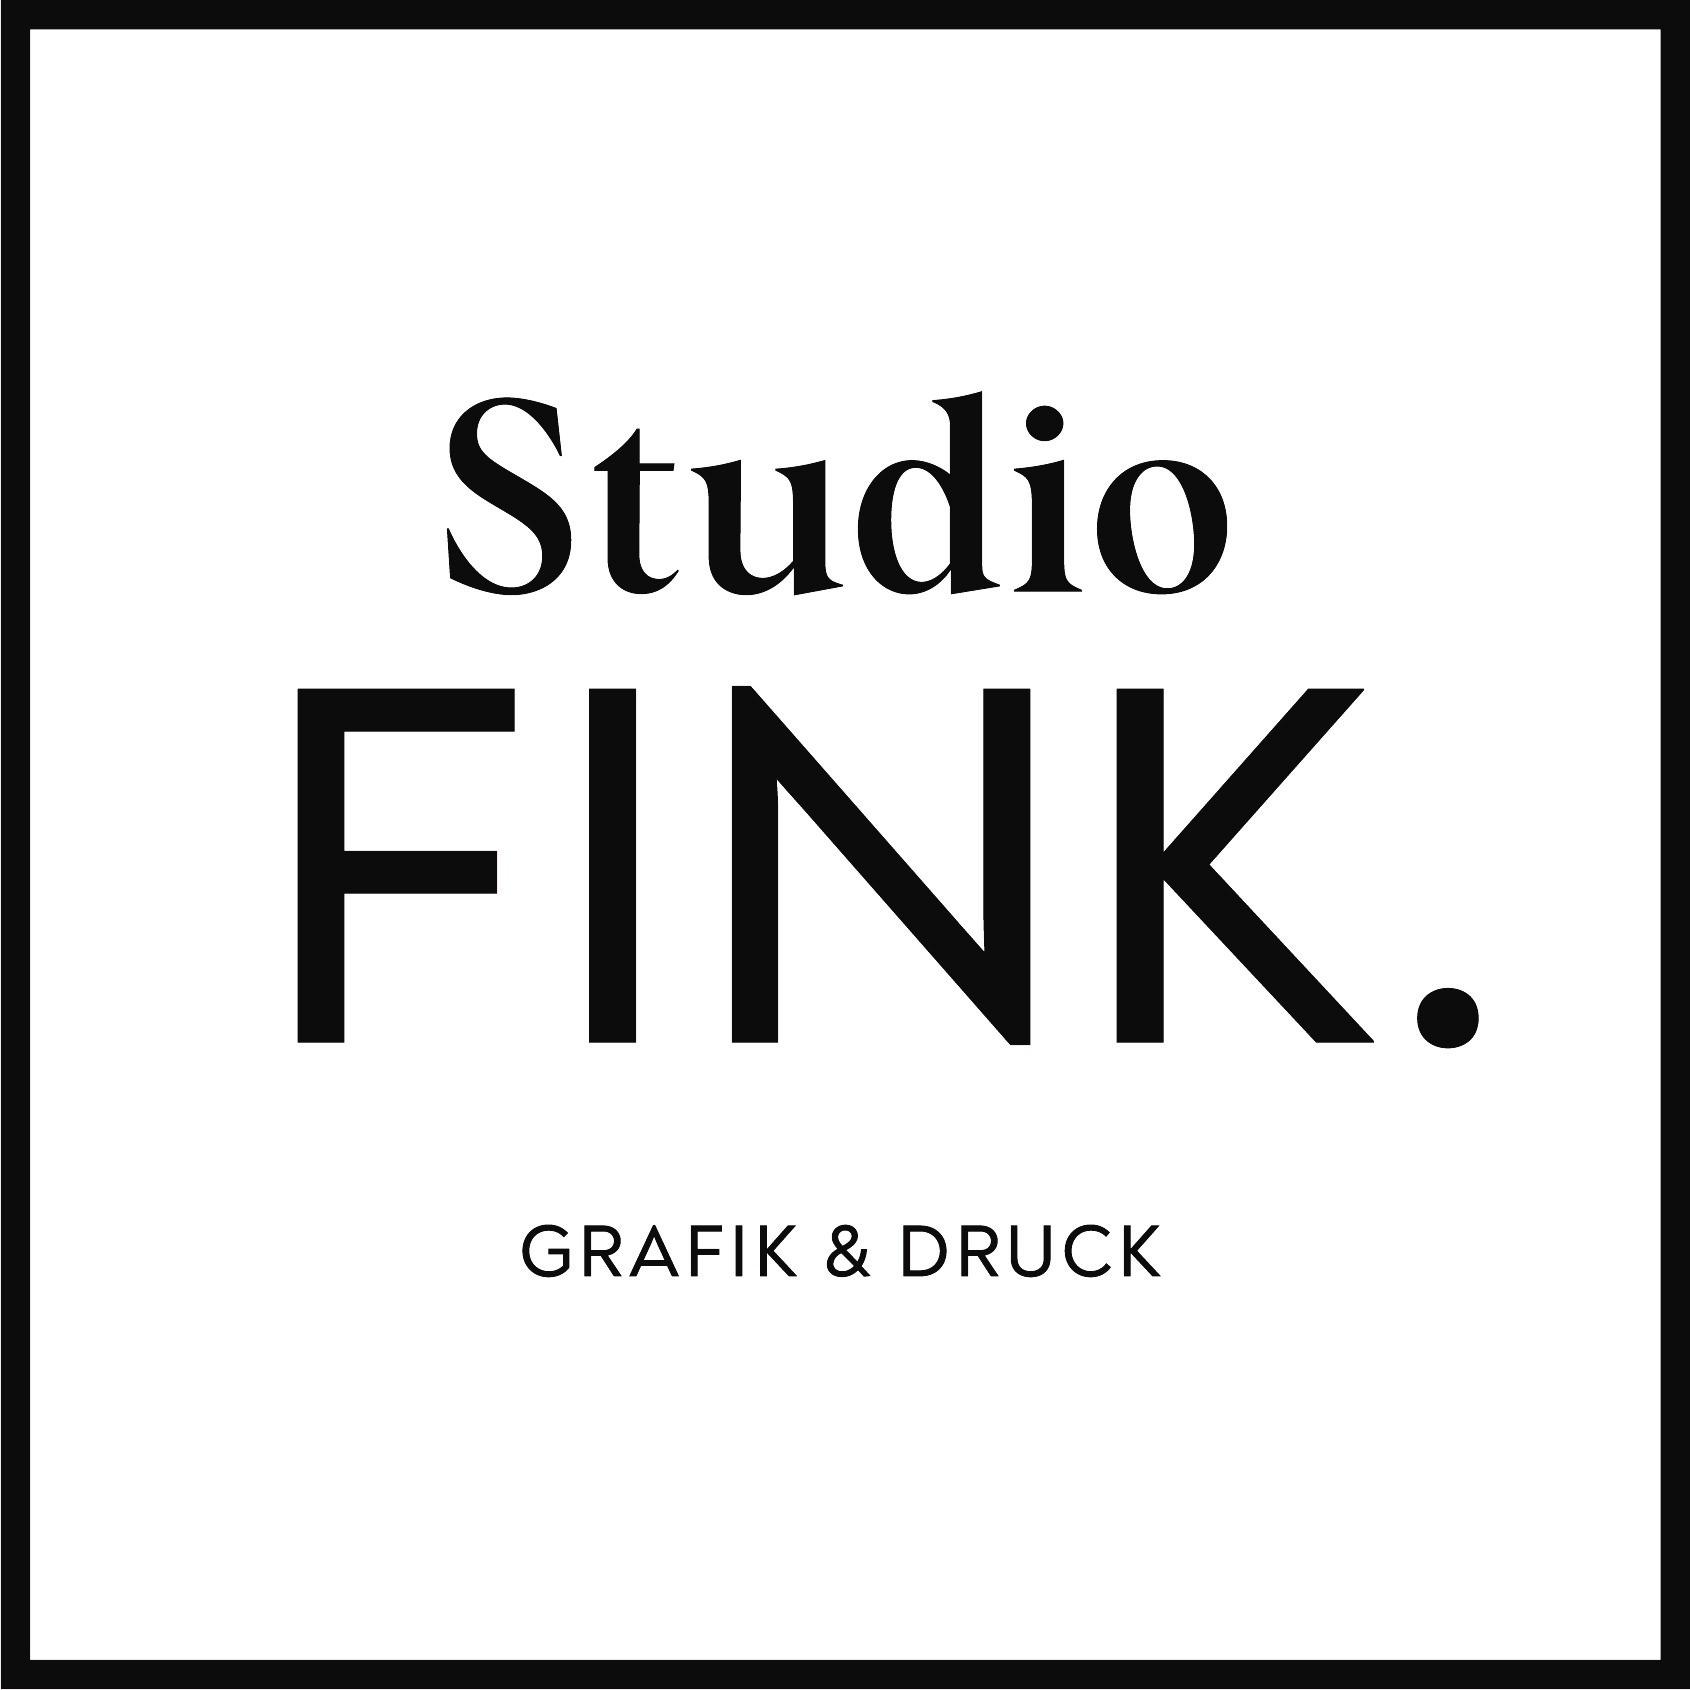 studio fink grafik und druck